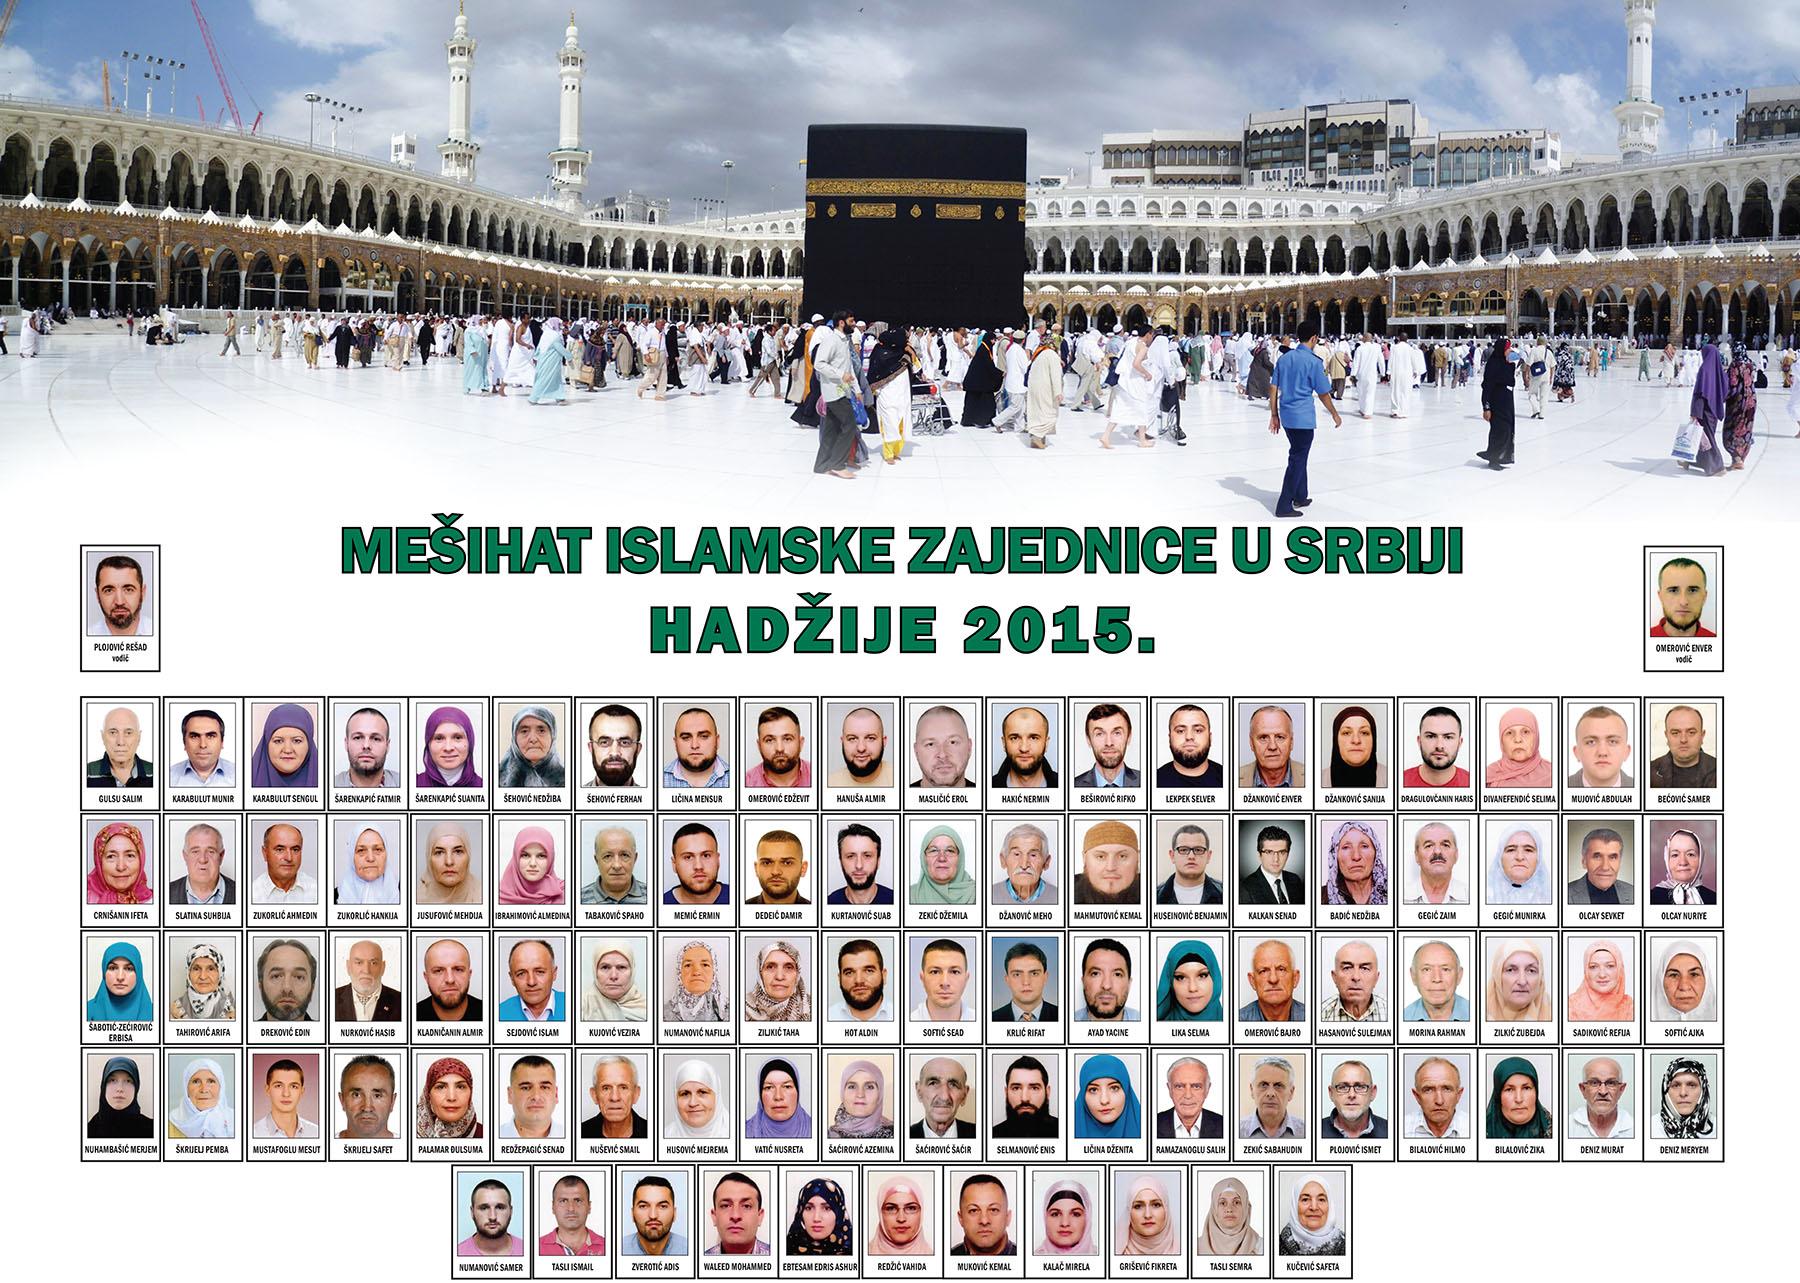 hadz hadzije 2015